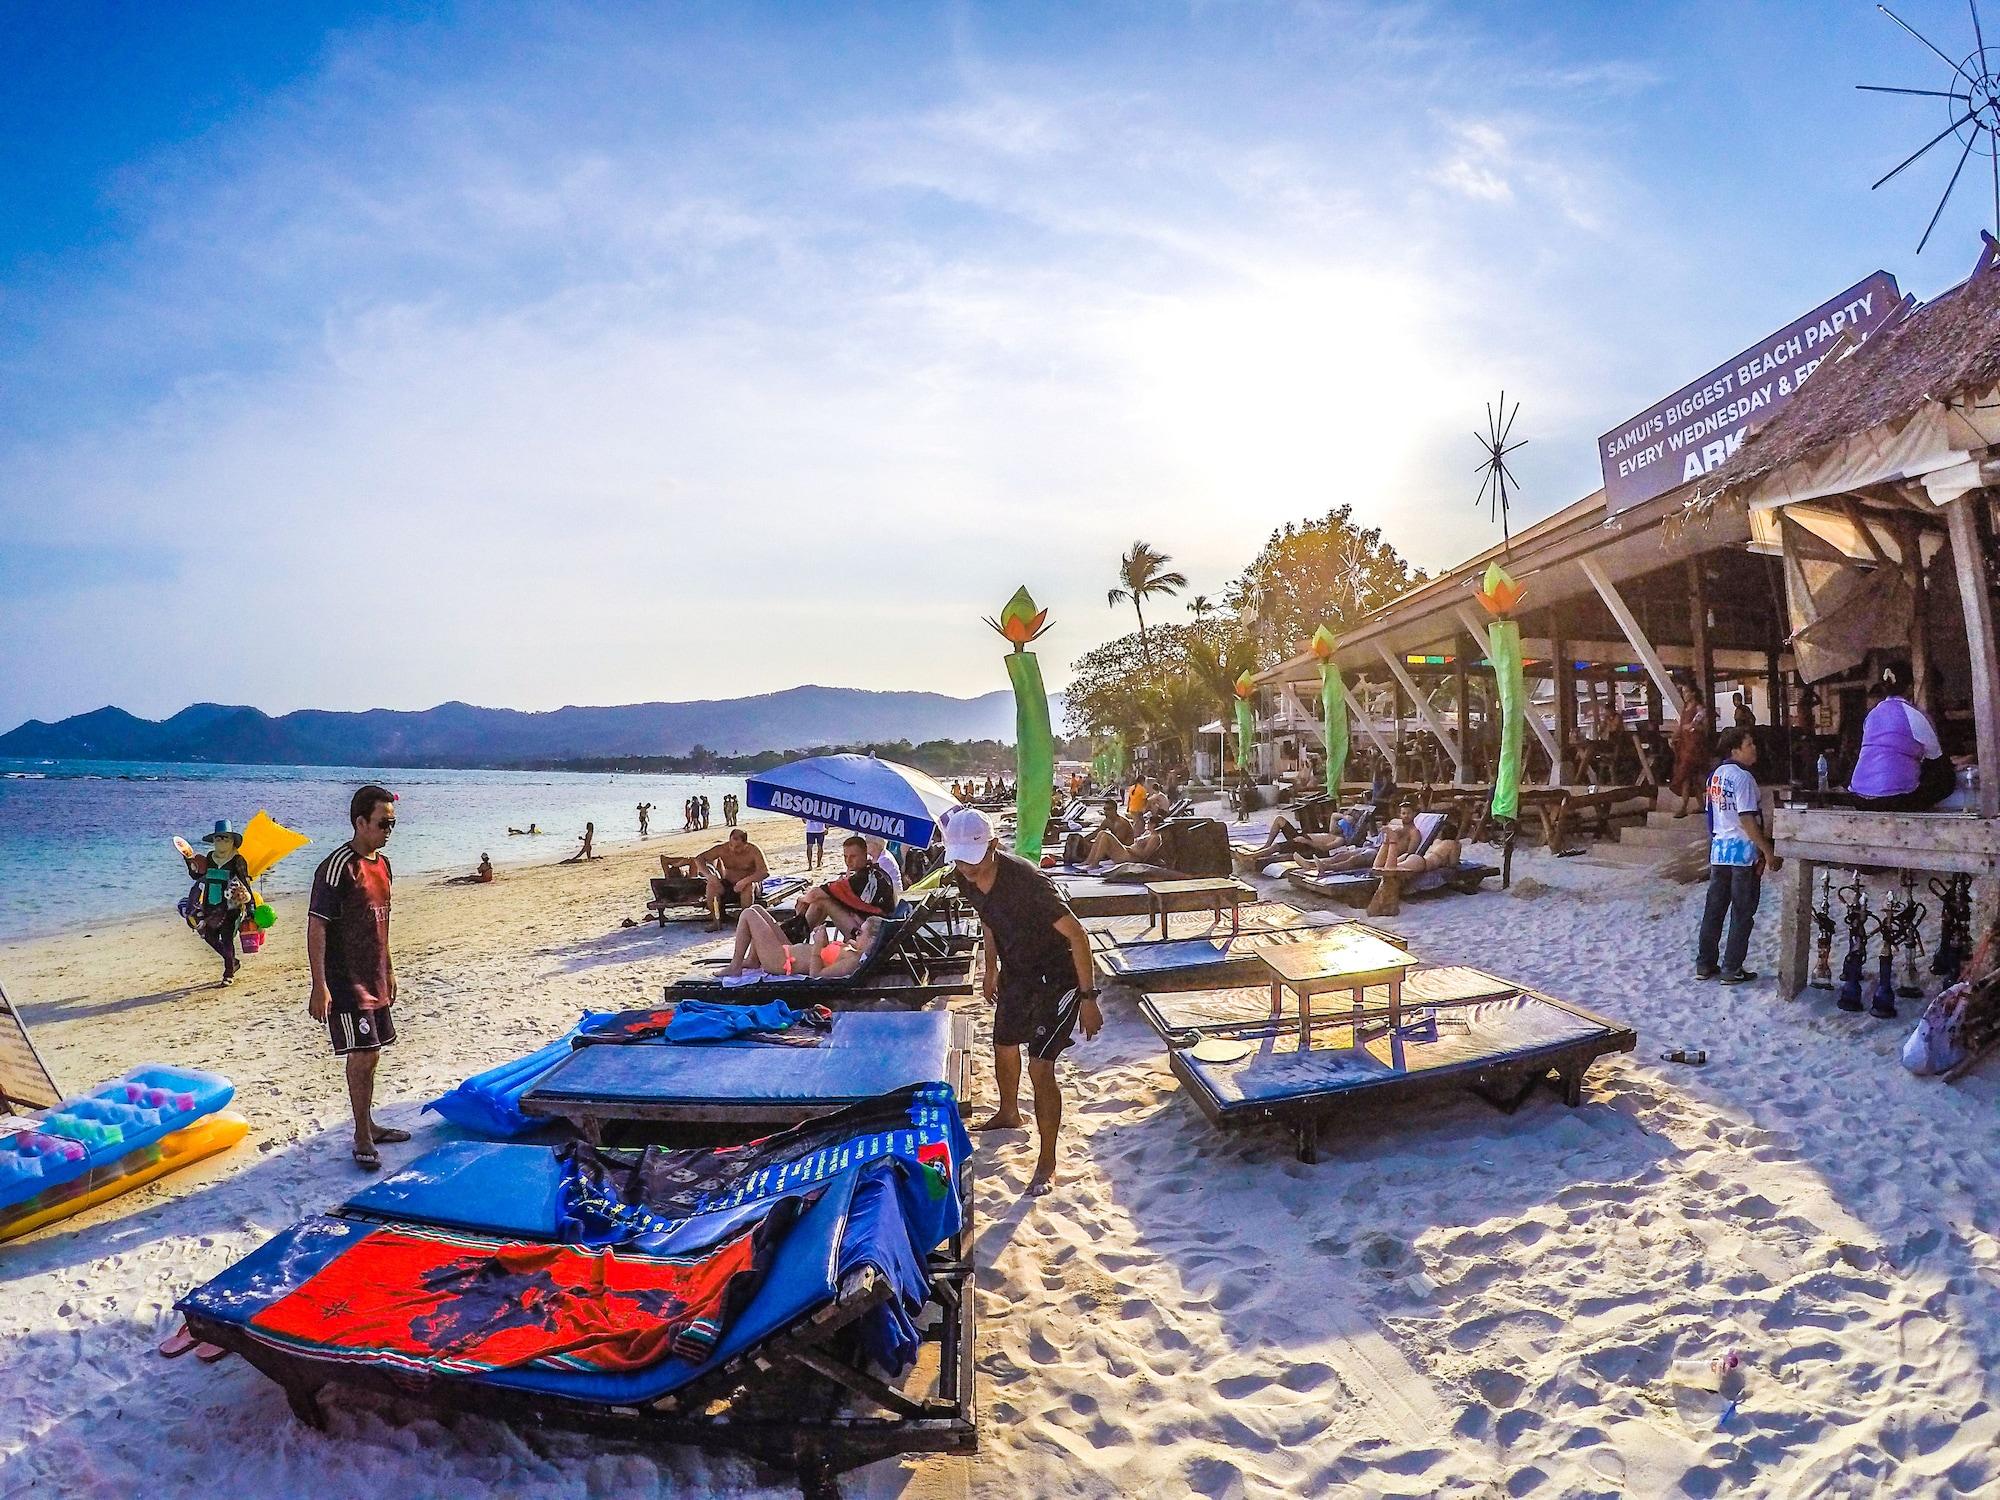 Ark Bar Beach Resort, Ko Samui